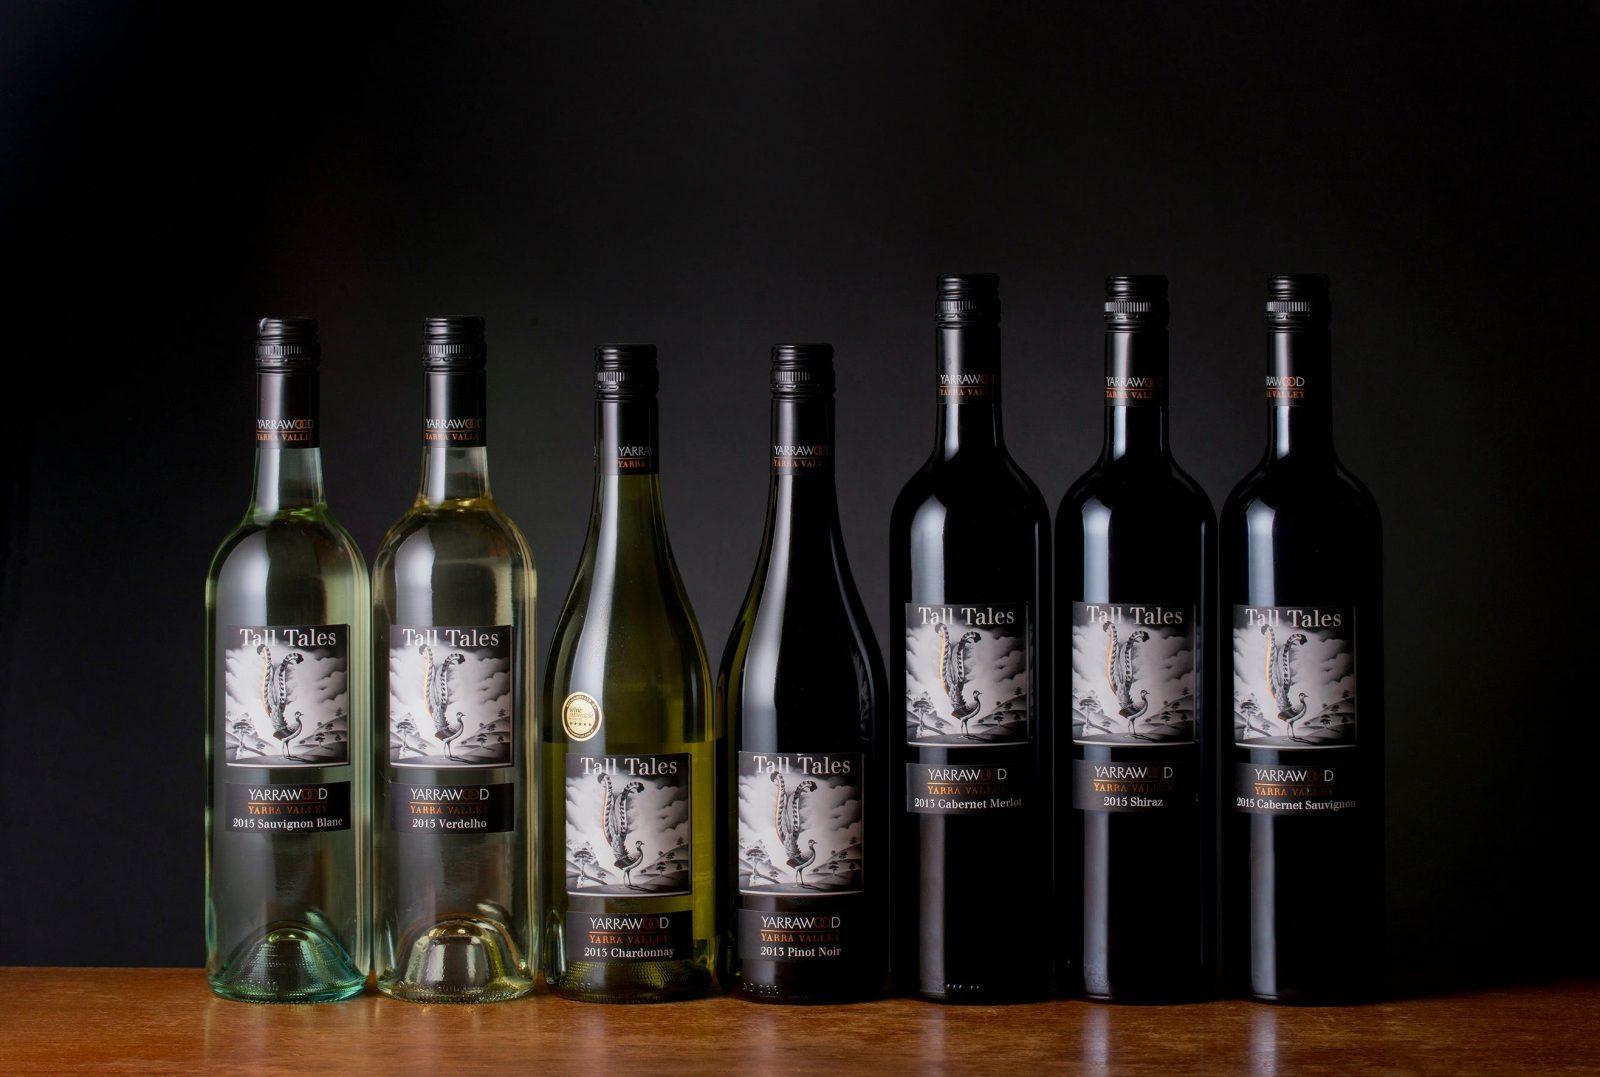 Yarrawood Tall Tales Wine